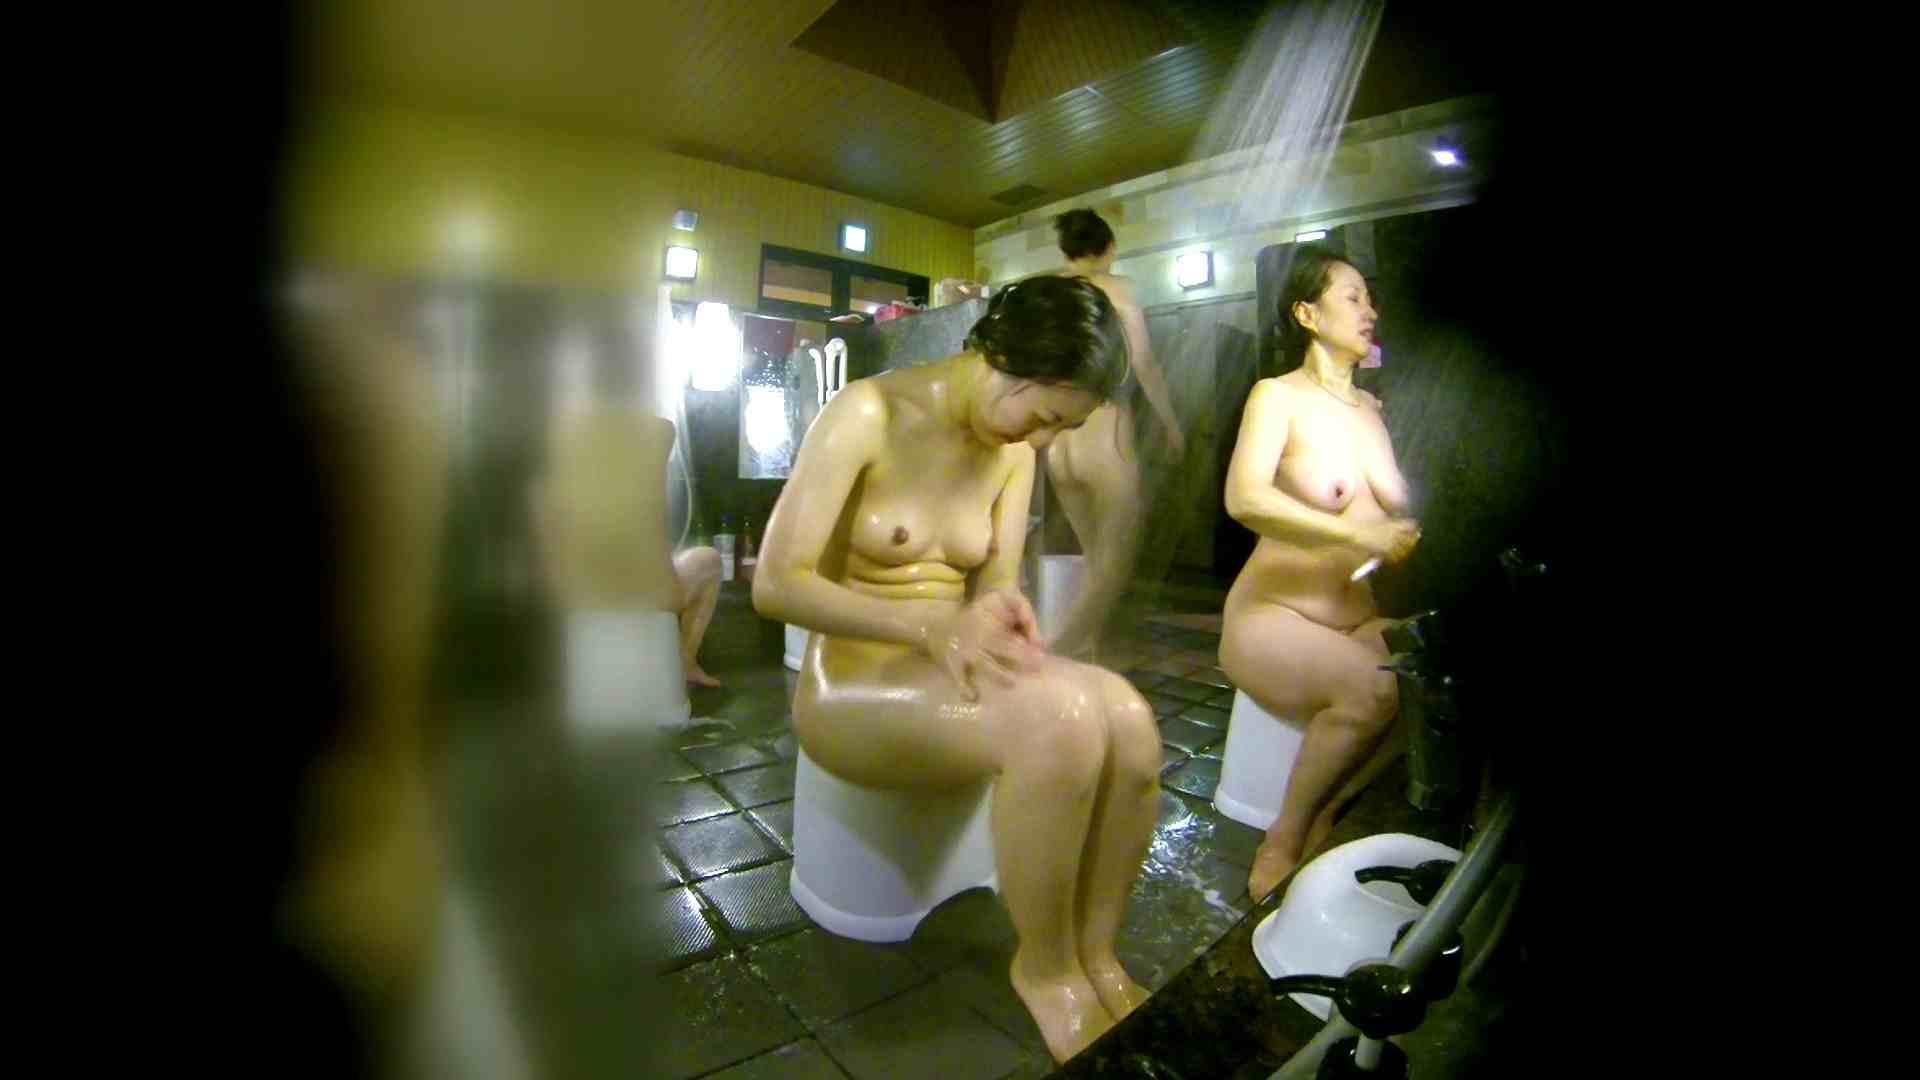 洗い場!右足の位置がいいですね。陰毛もっさり! 銭湯  58pic 28